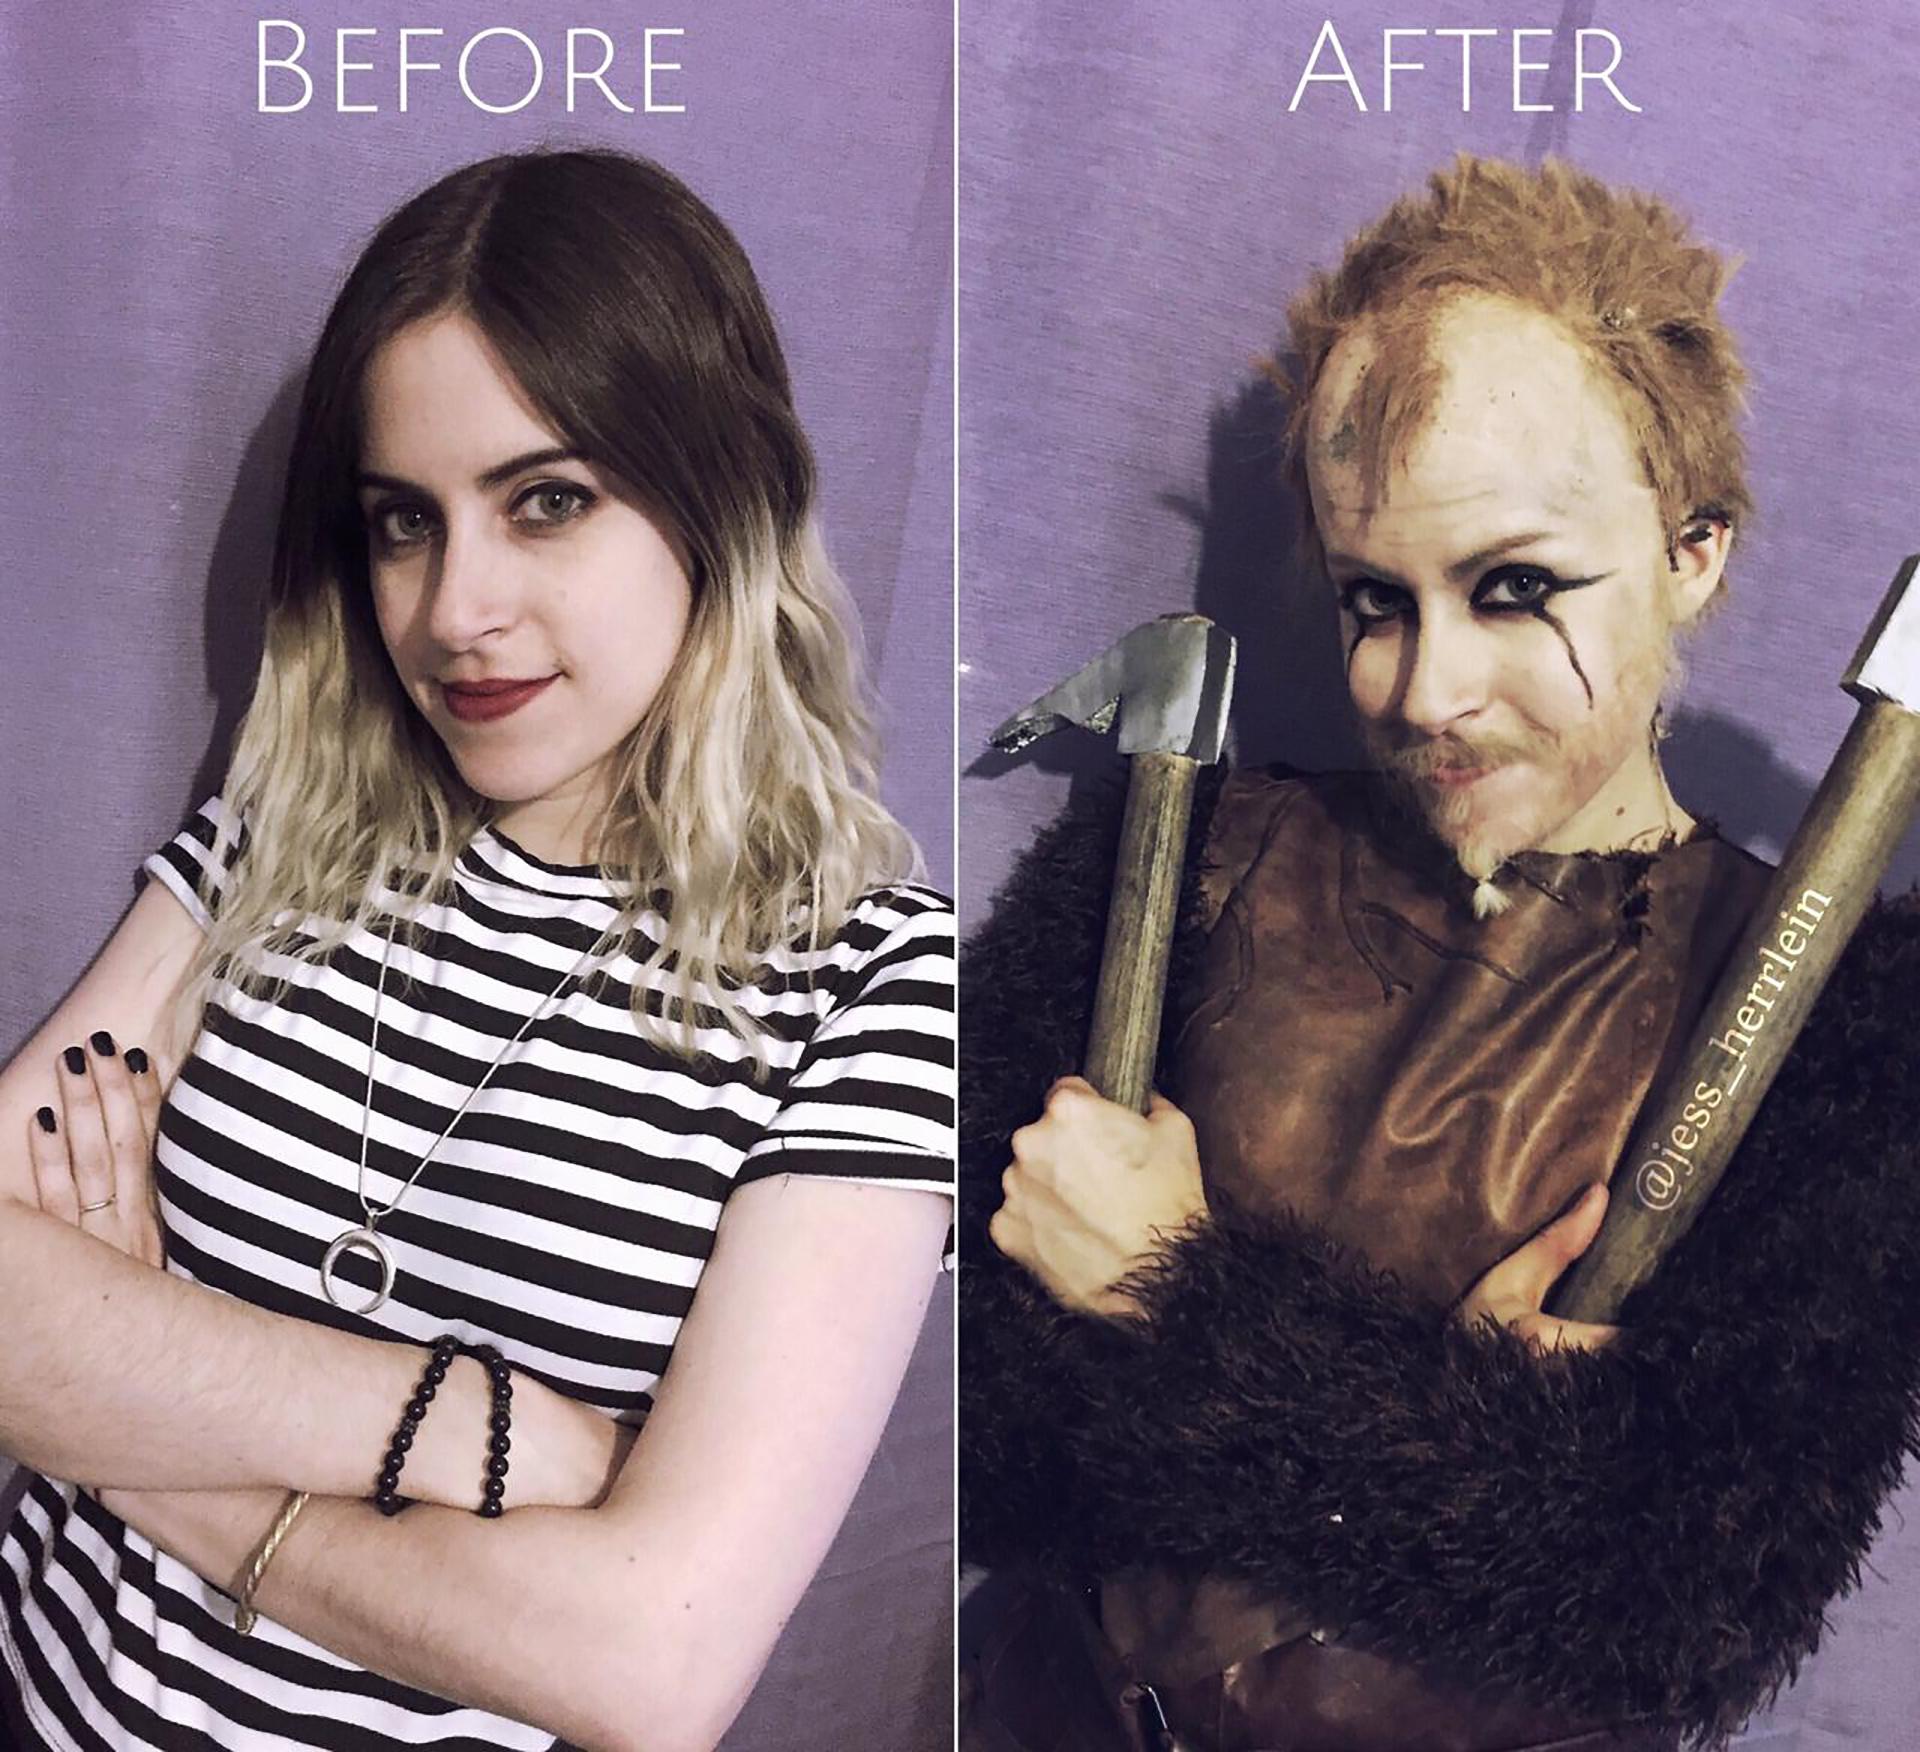 El antes y el después de Jessica interpretando al personaje de Vikings, Floki